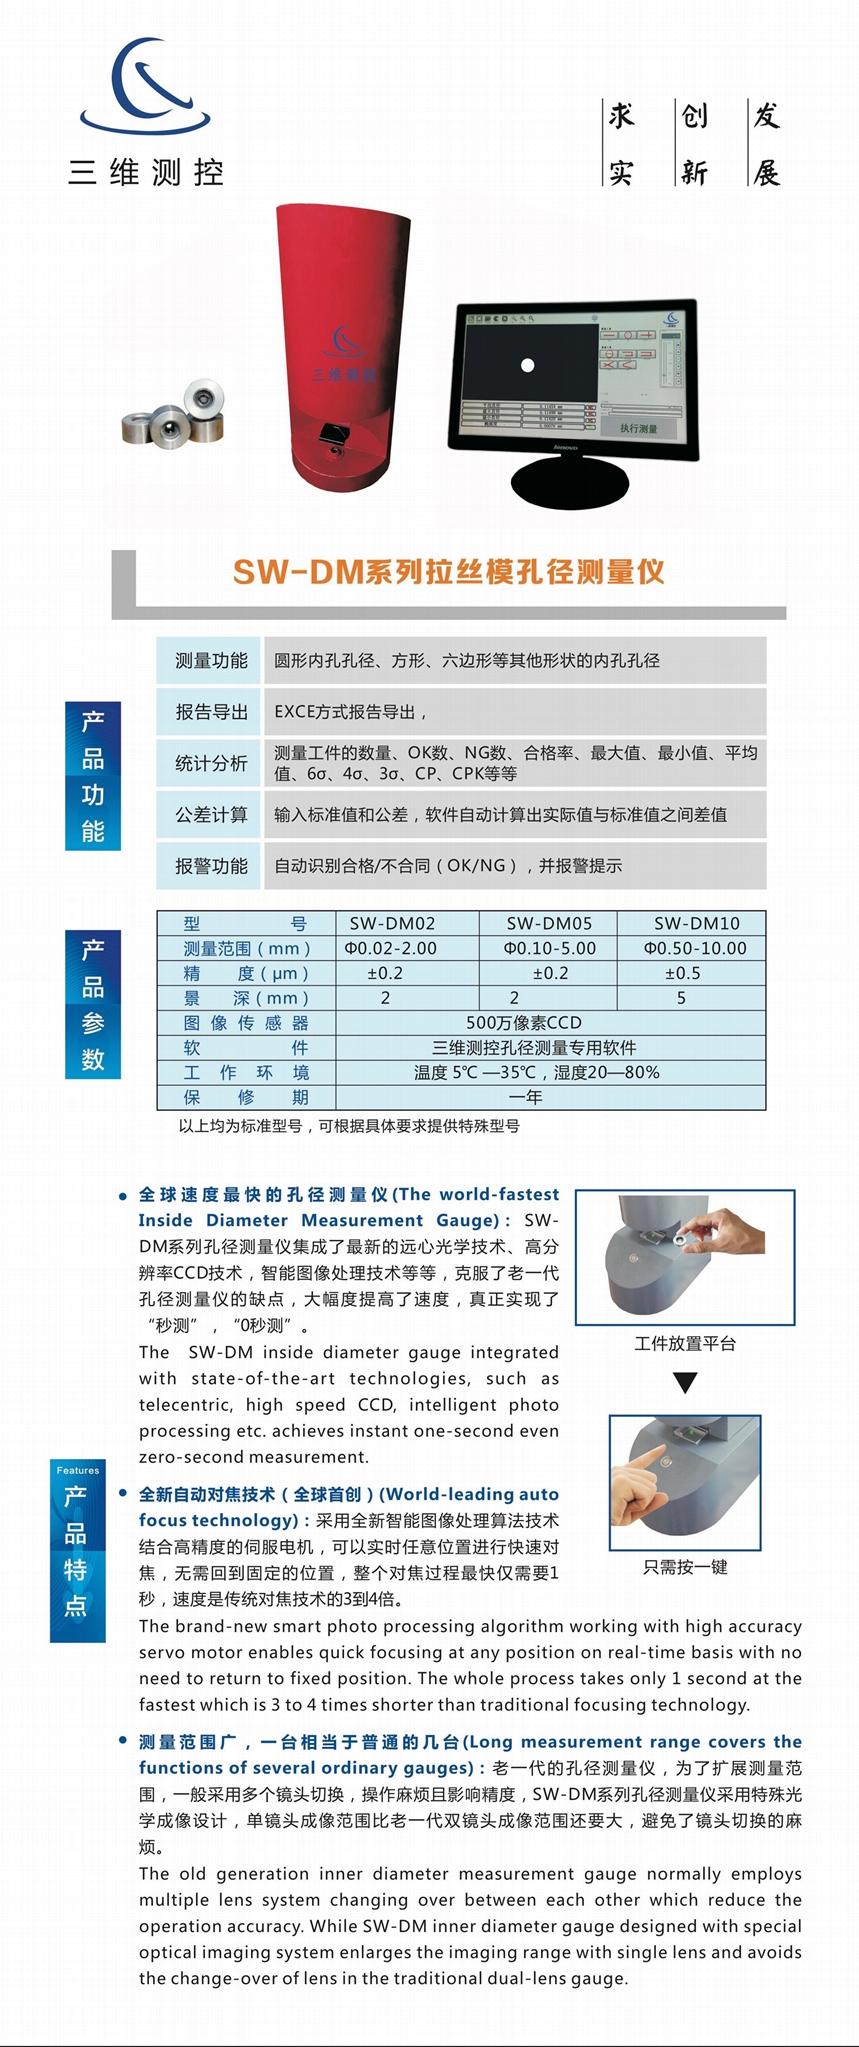 SW-DM系列拉丝模具孔径测量仪 5